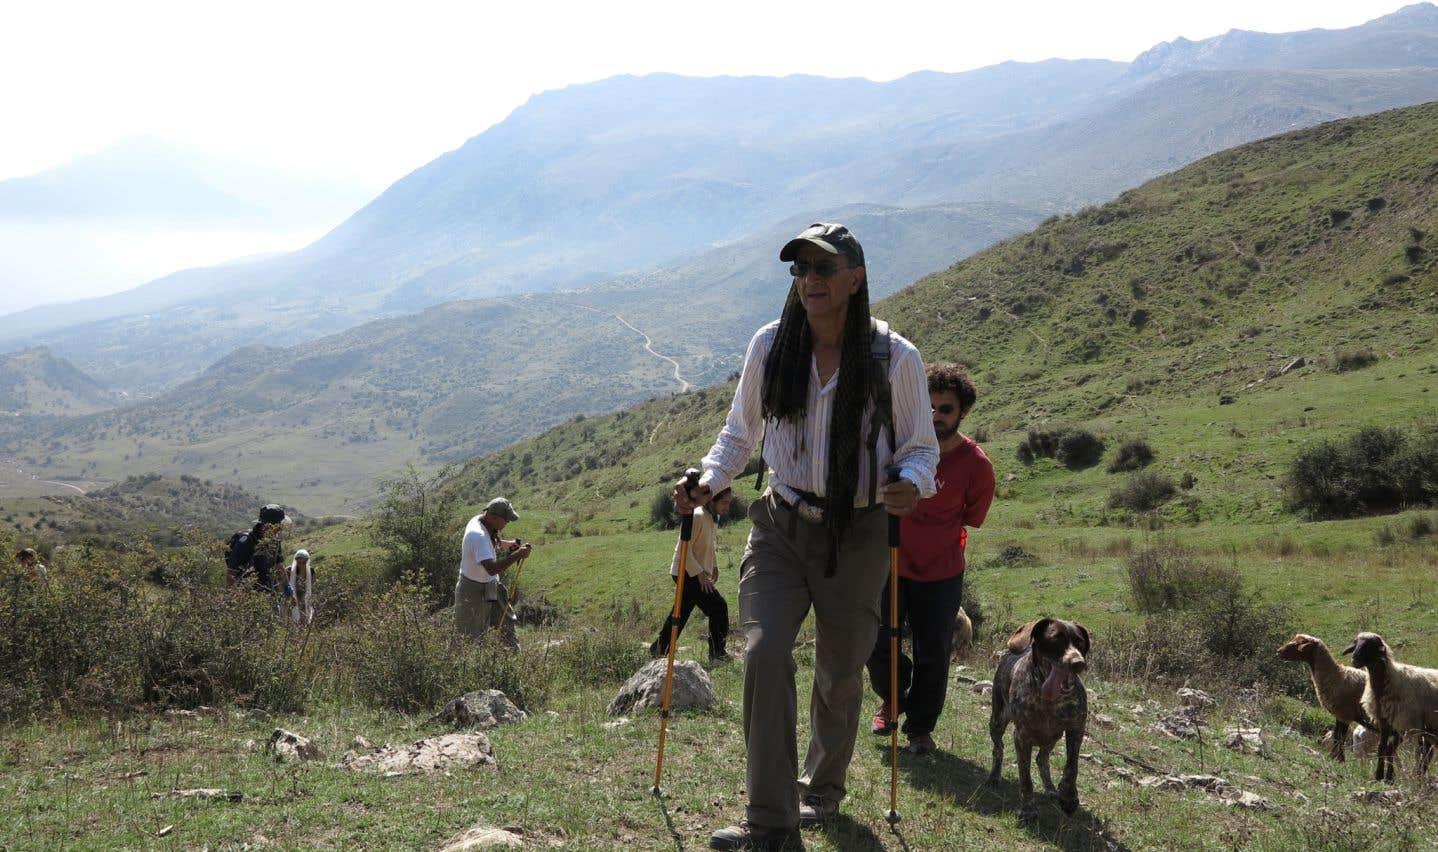 Kavous Seyed Emami, écologiste irano-canadien de renom et directeur de la Fondation pour la faune persane